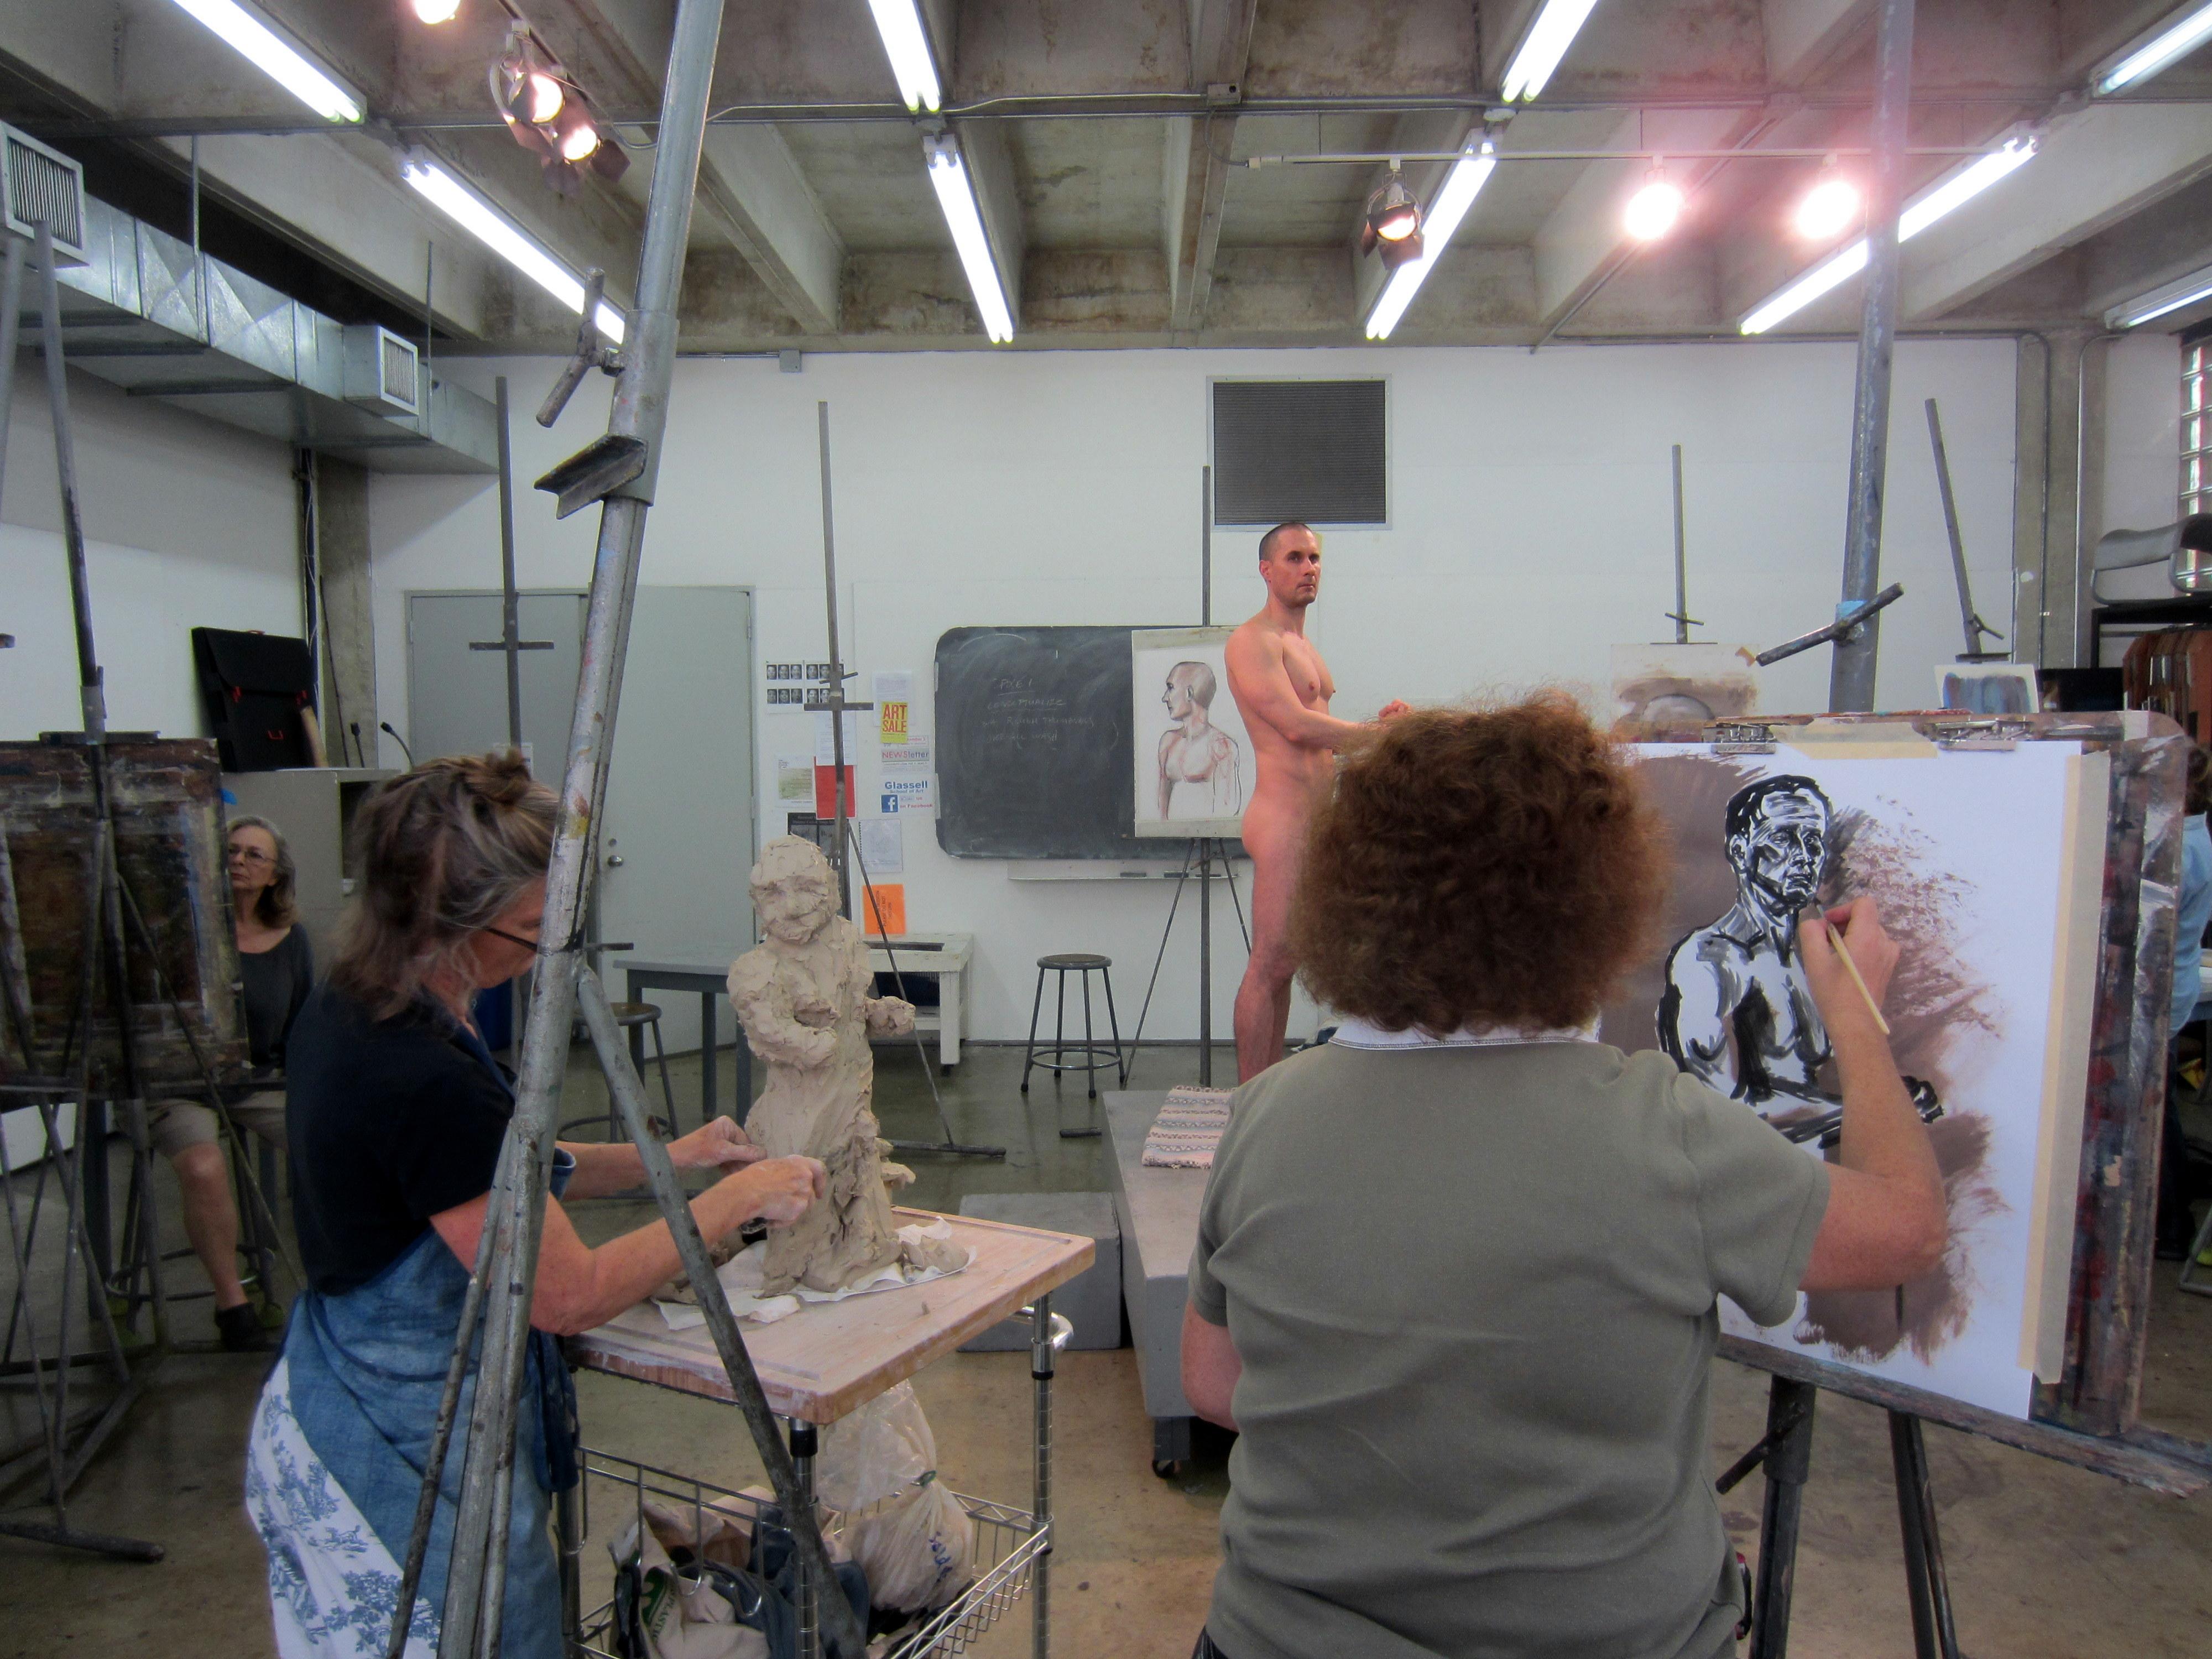 Smh. art class life naked posing